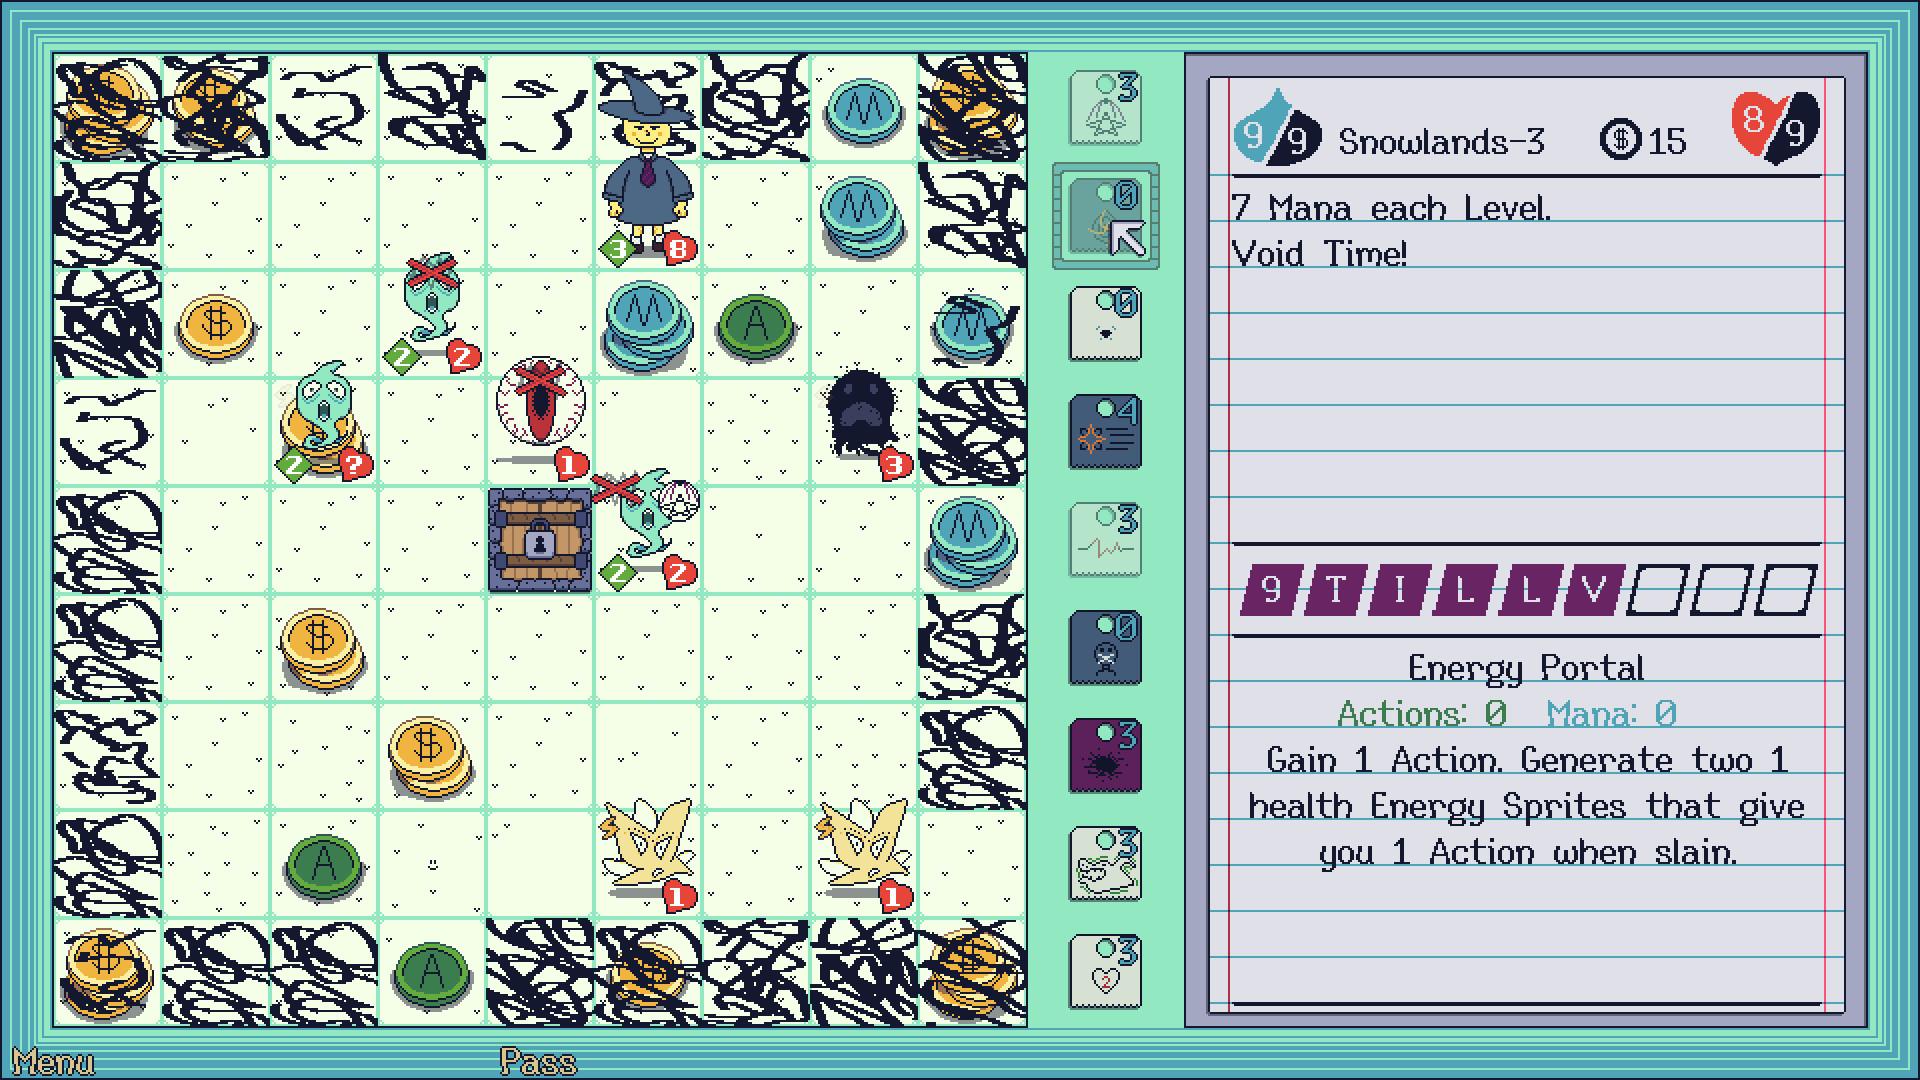 9 Till Void screenshot